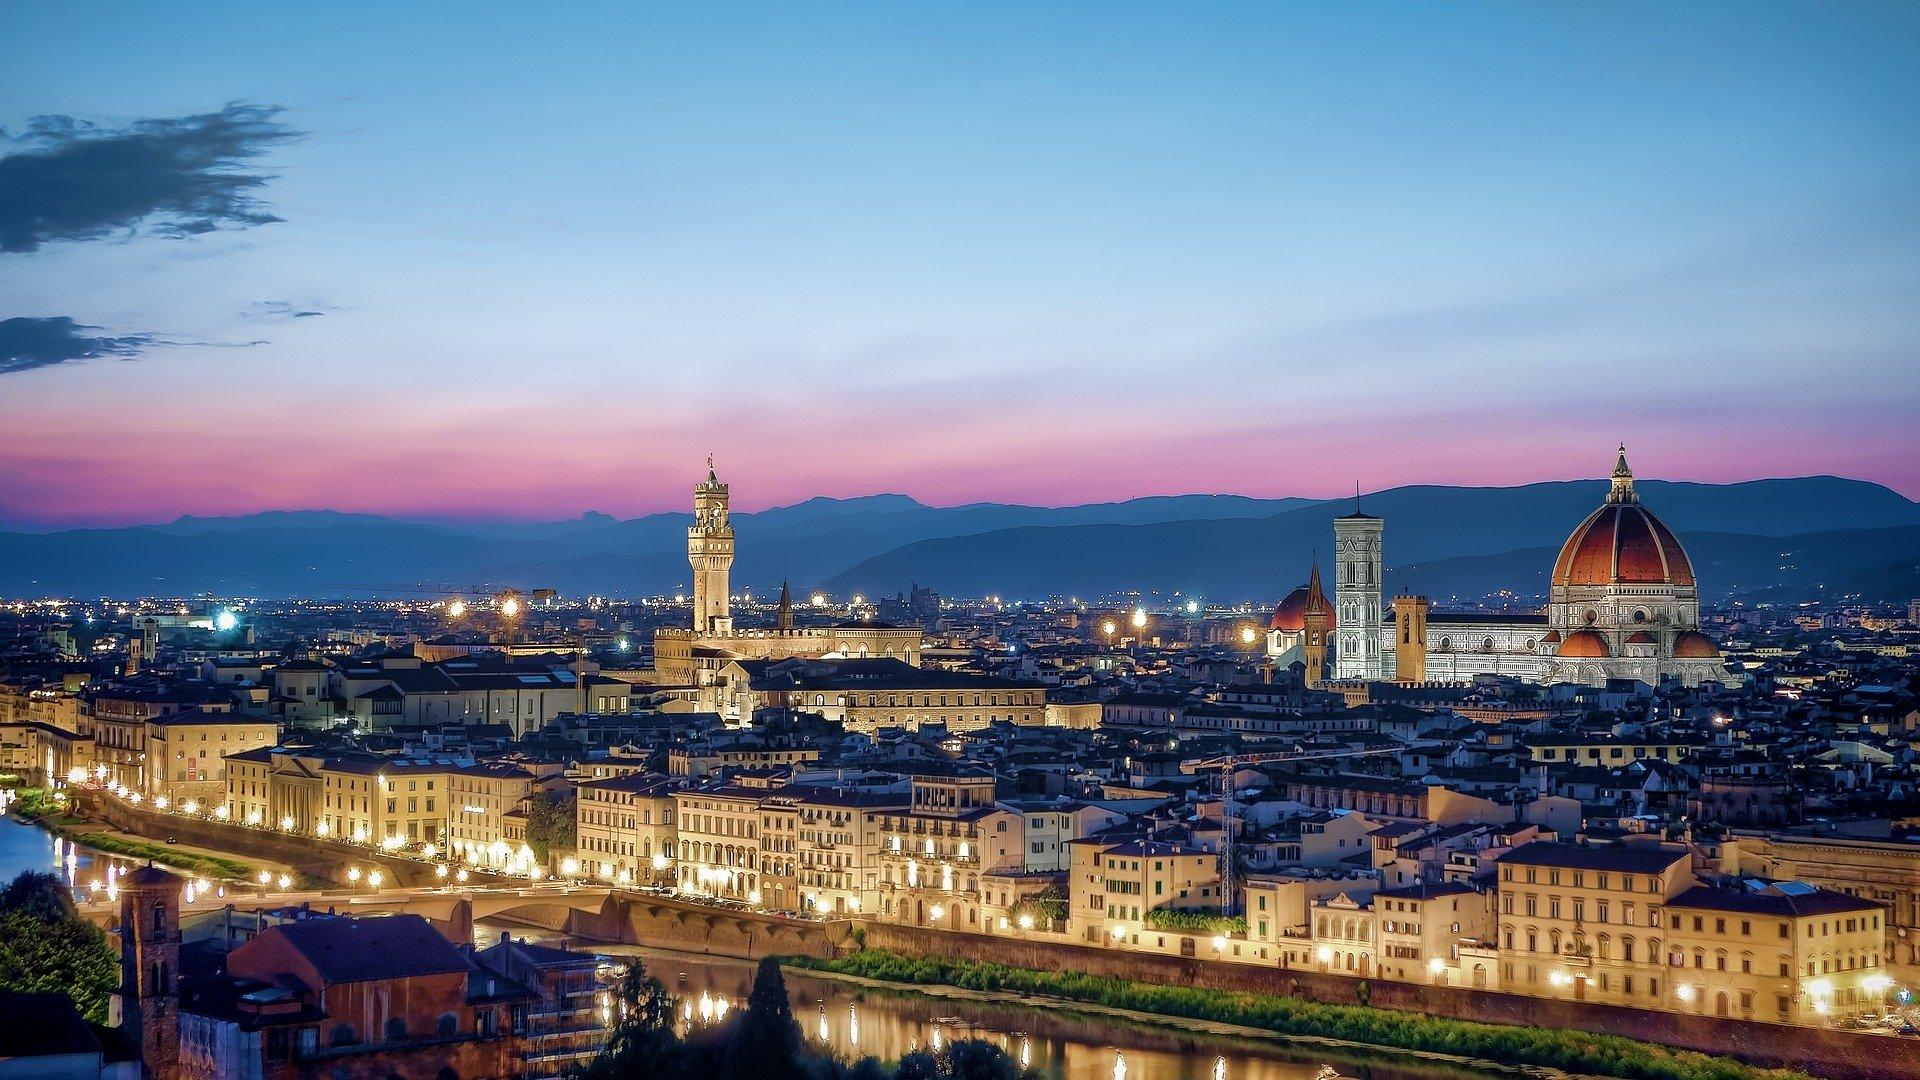 Vista della città di Firenze sede dell'azienda